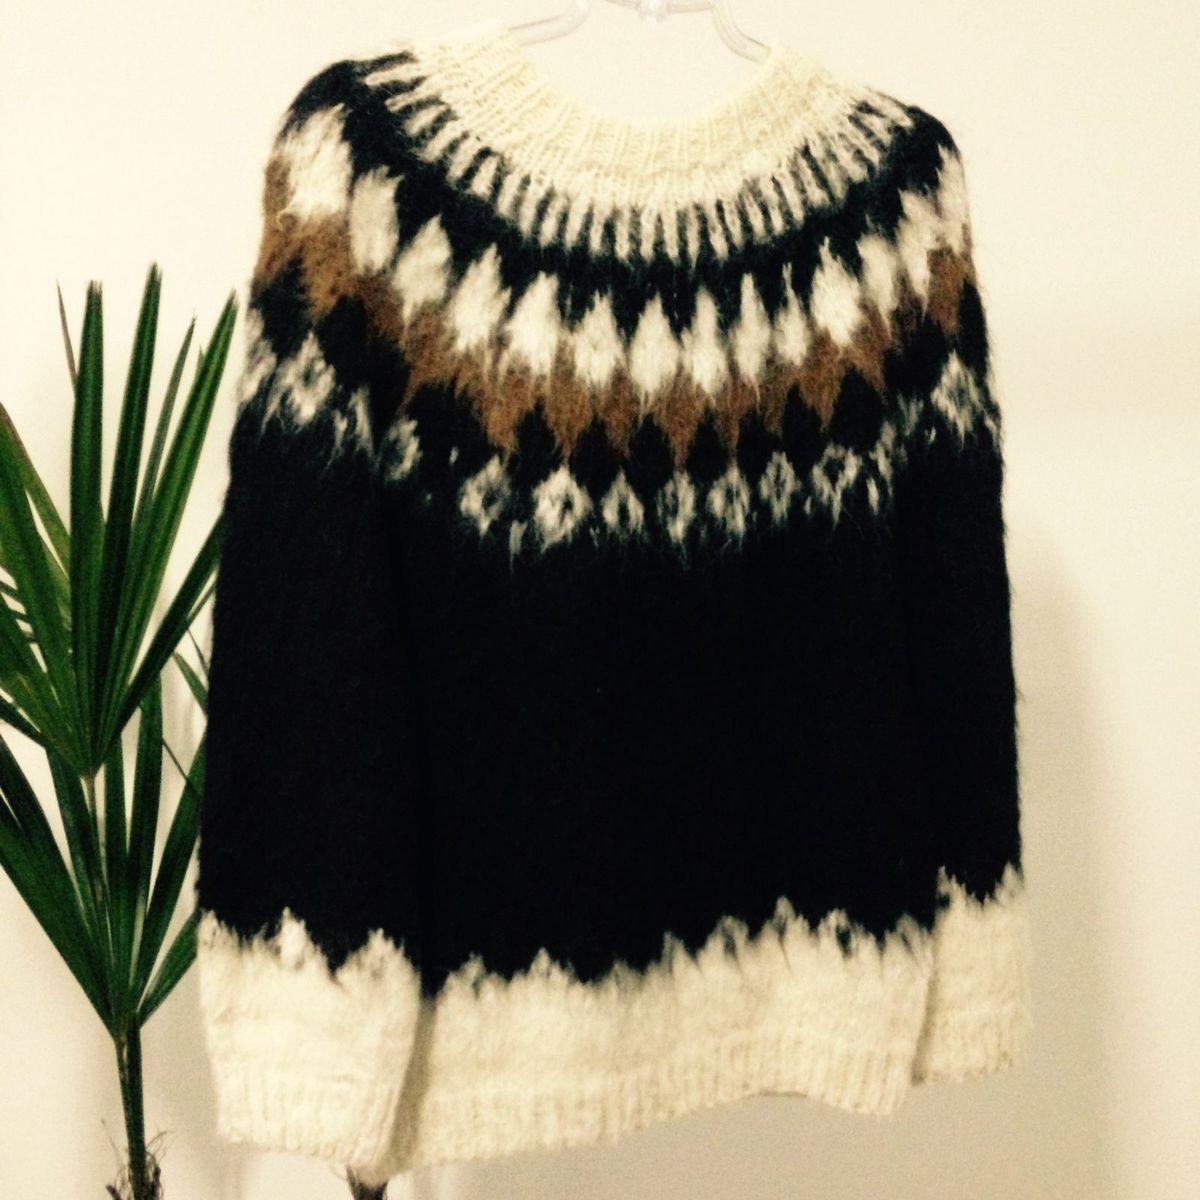 blusa lã alpaca peruana - outros sem marca.  Czm6ly9wag90b3muzw5qb2vplmnvbs5ici9wcm9kdwn0cy84nti4mdqvnjmzyjdjndm5nthinwuwowyzm2ewyzg0zjg3yzdiodquanbn  ... e91877fda017